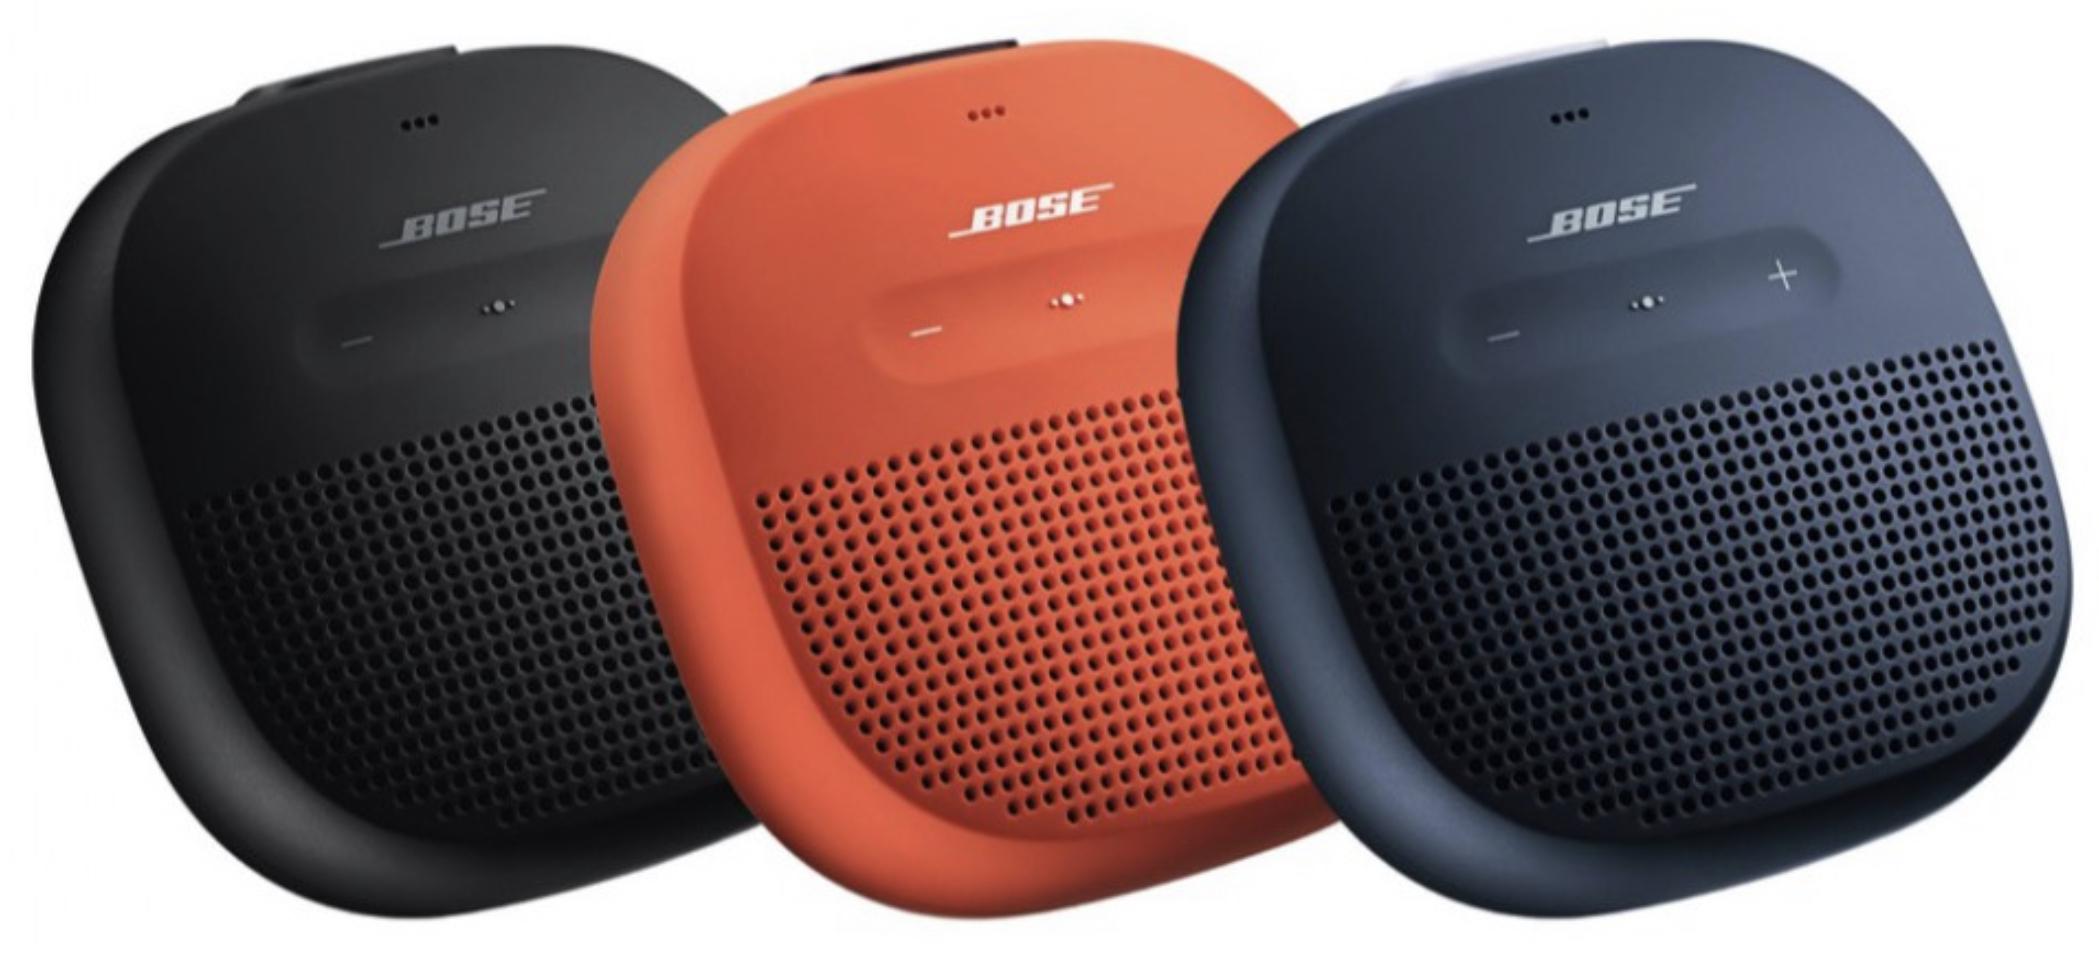 Bose SoundLink Micro schwarz, blau o. orange für je 69€ inkl. Versandkosten [Saturn/Amazon]